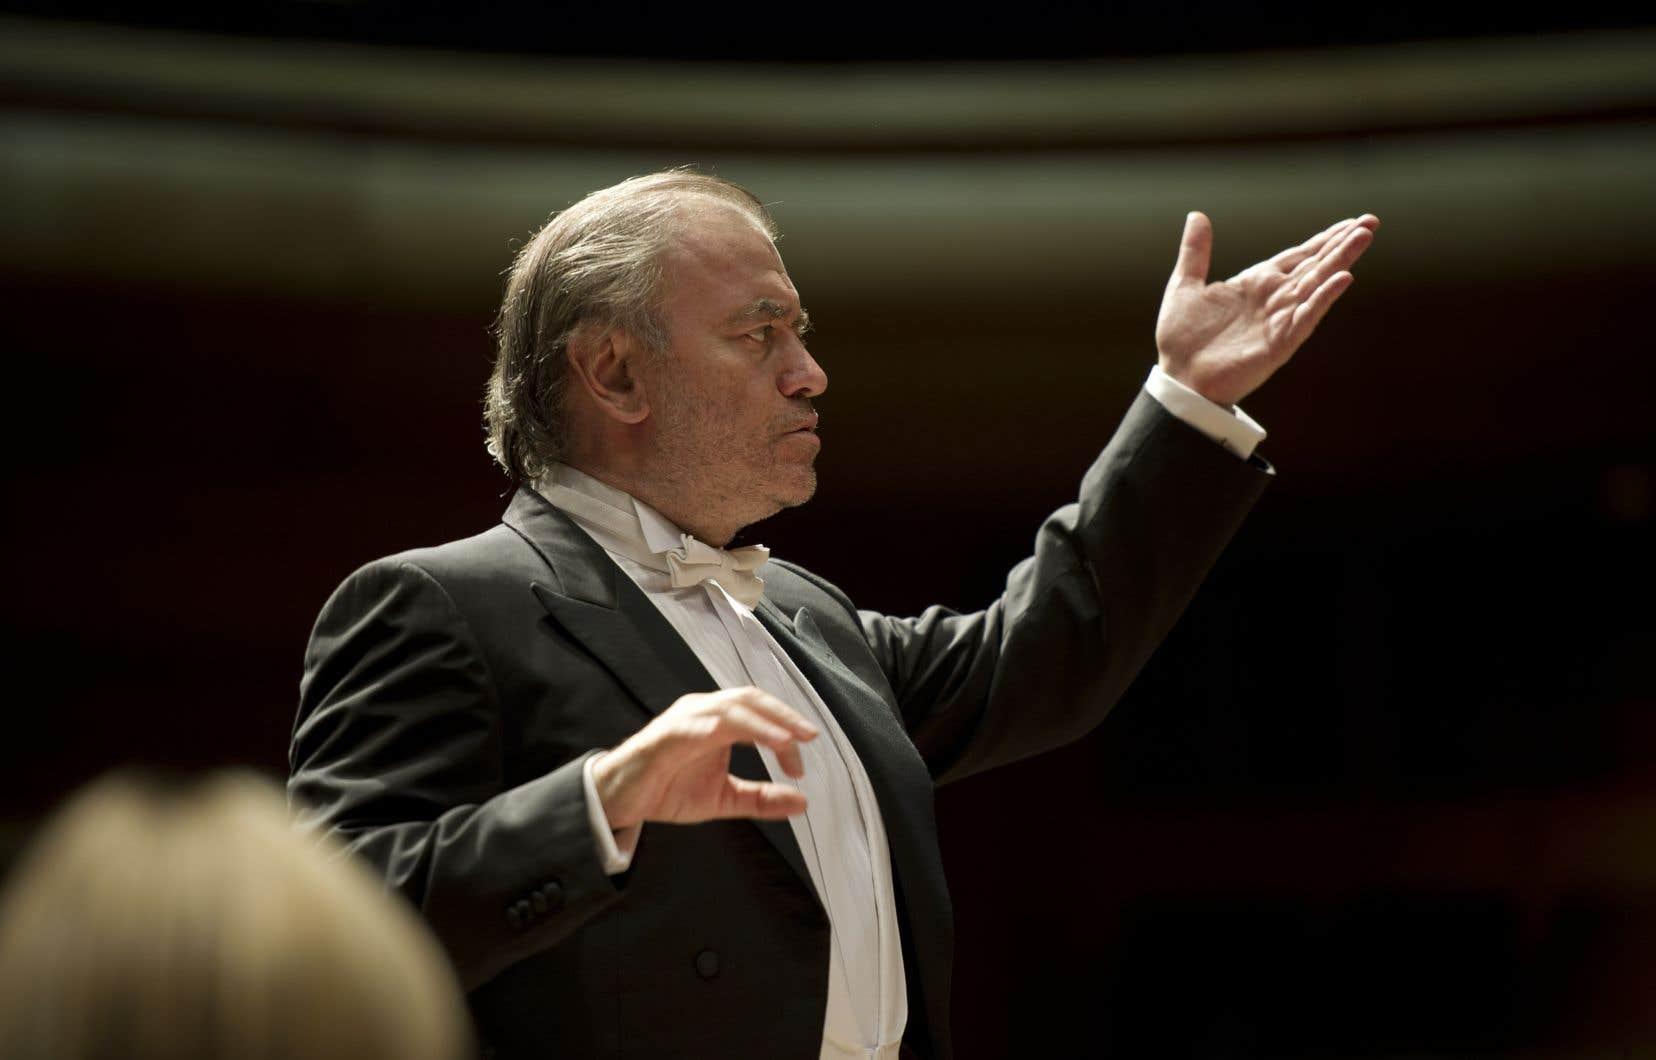 La «Neuvième» de Bruckner dirigée par Valery Gergiev à l'OSM cette semaine est déconcertante.